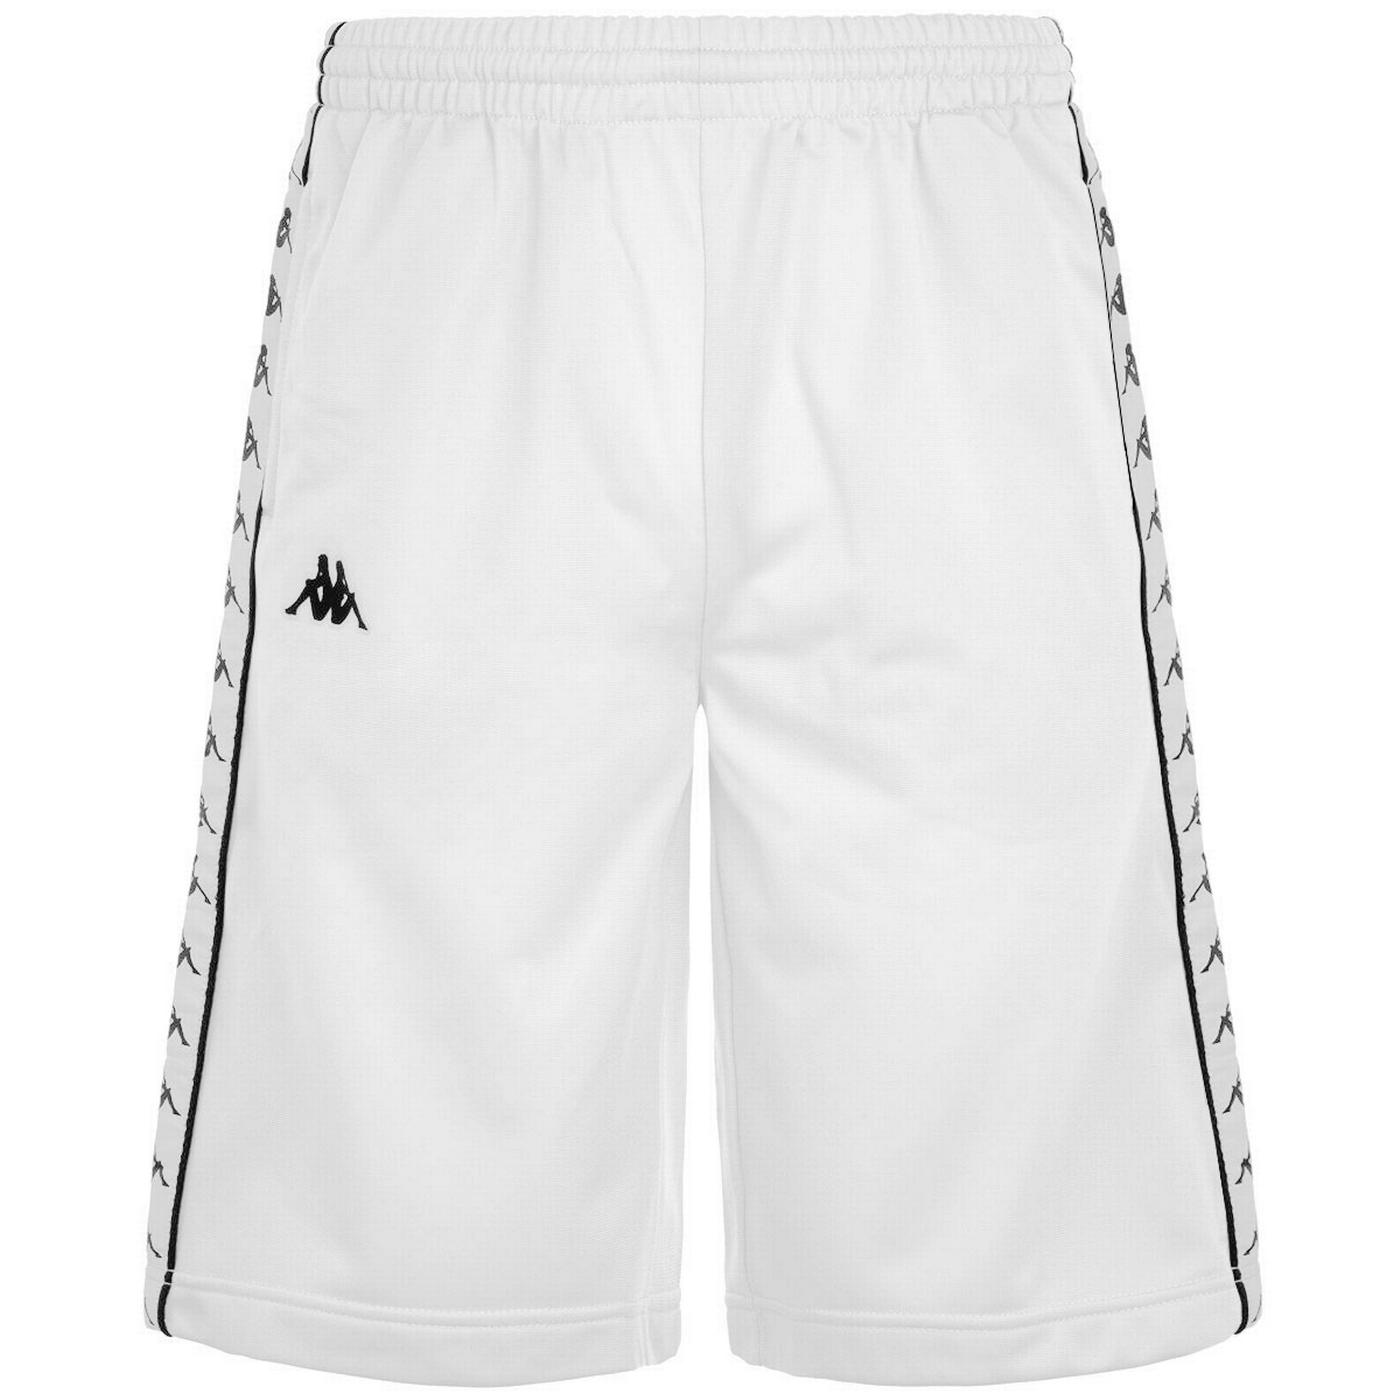 Snapswell 222 Banda KAPPA Retro Football Shorts W